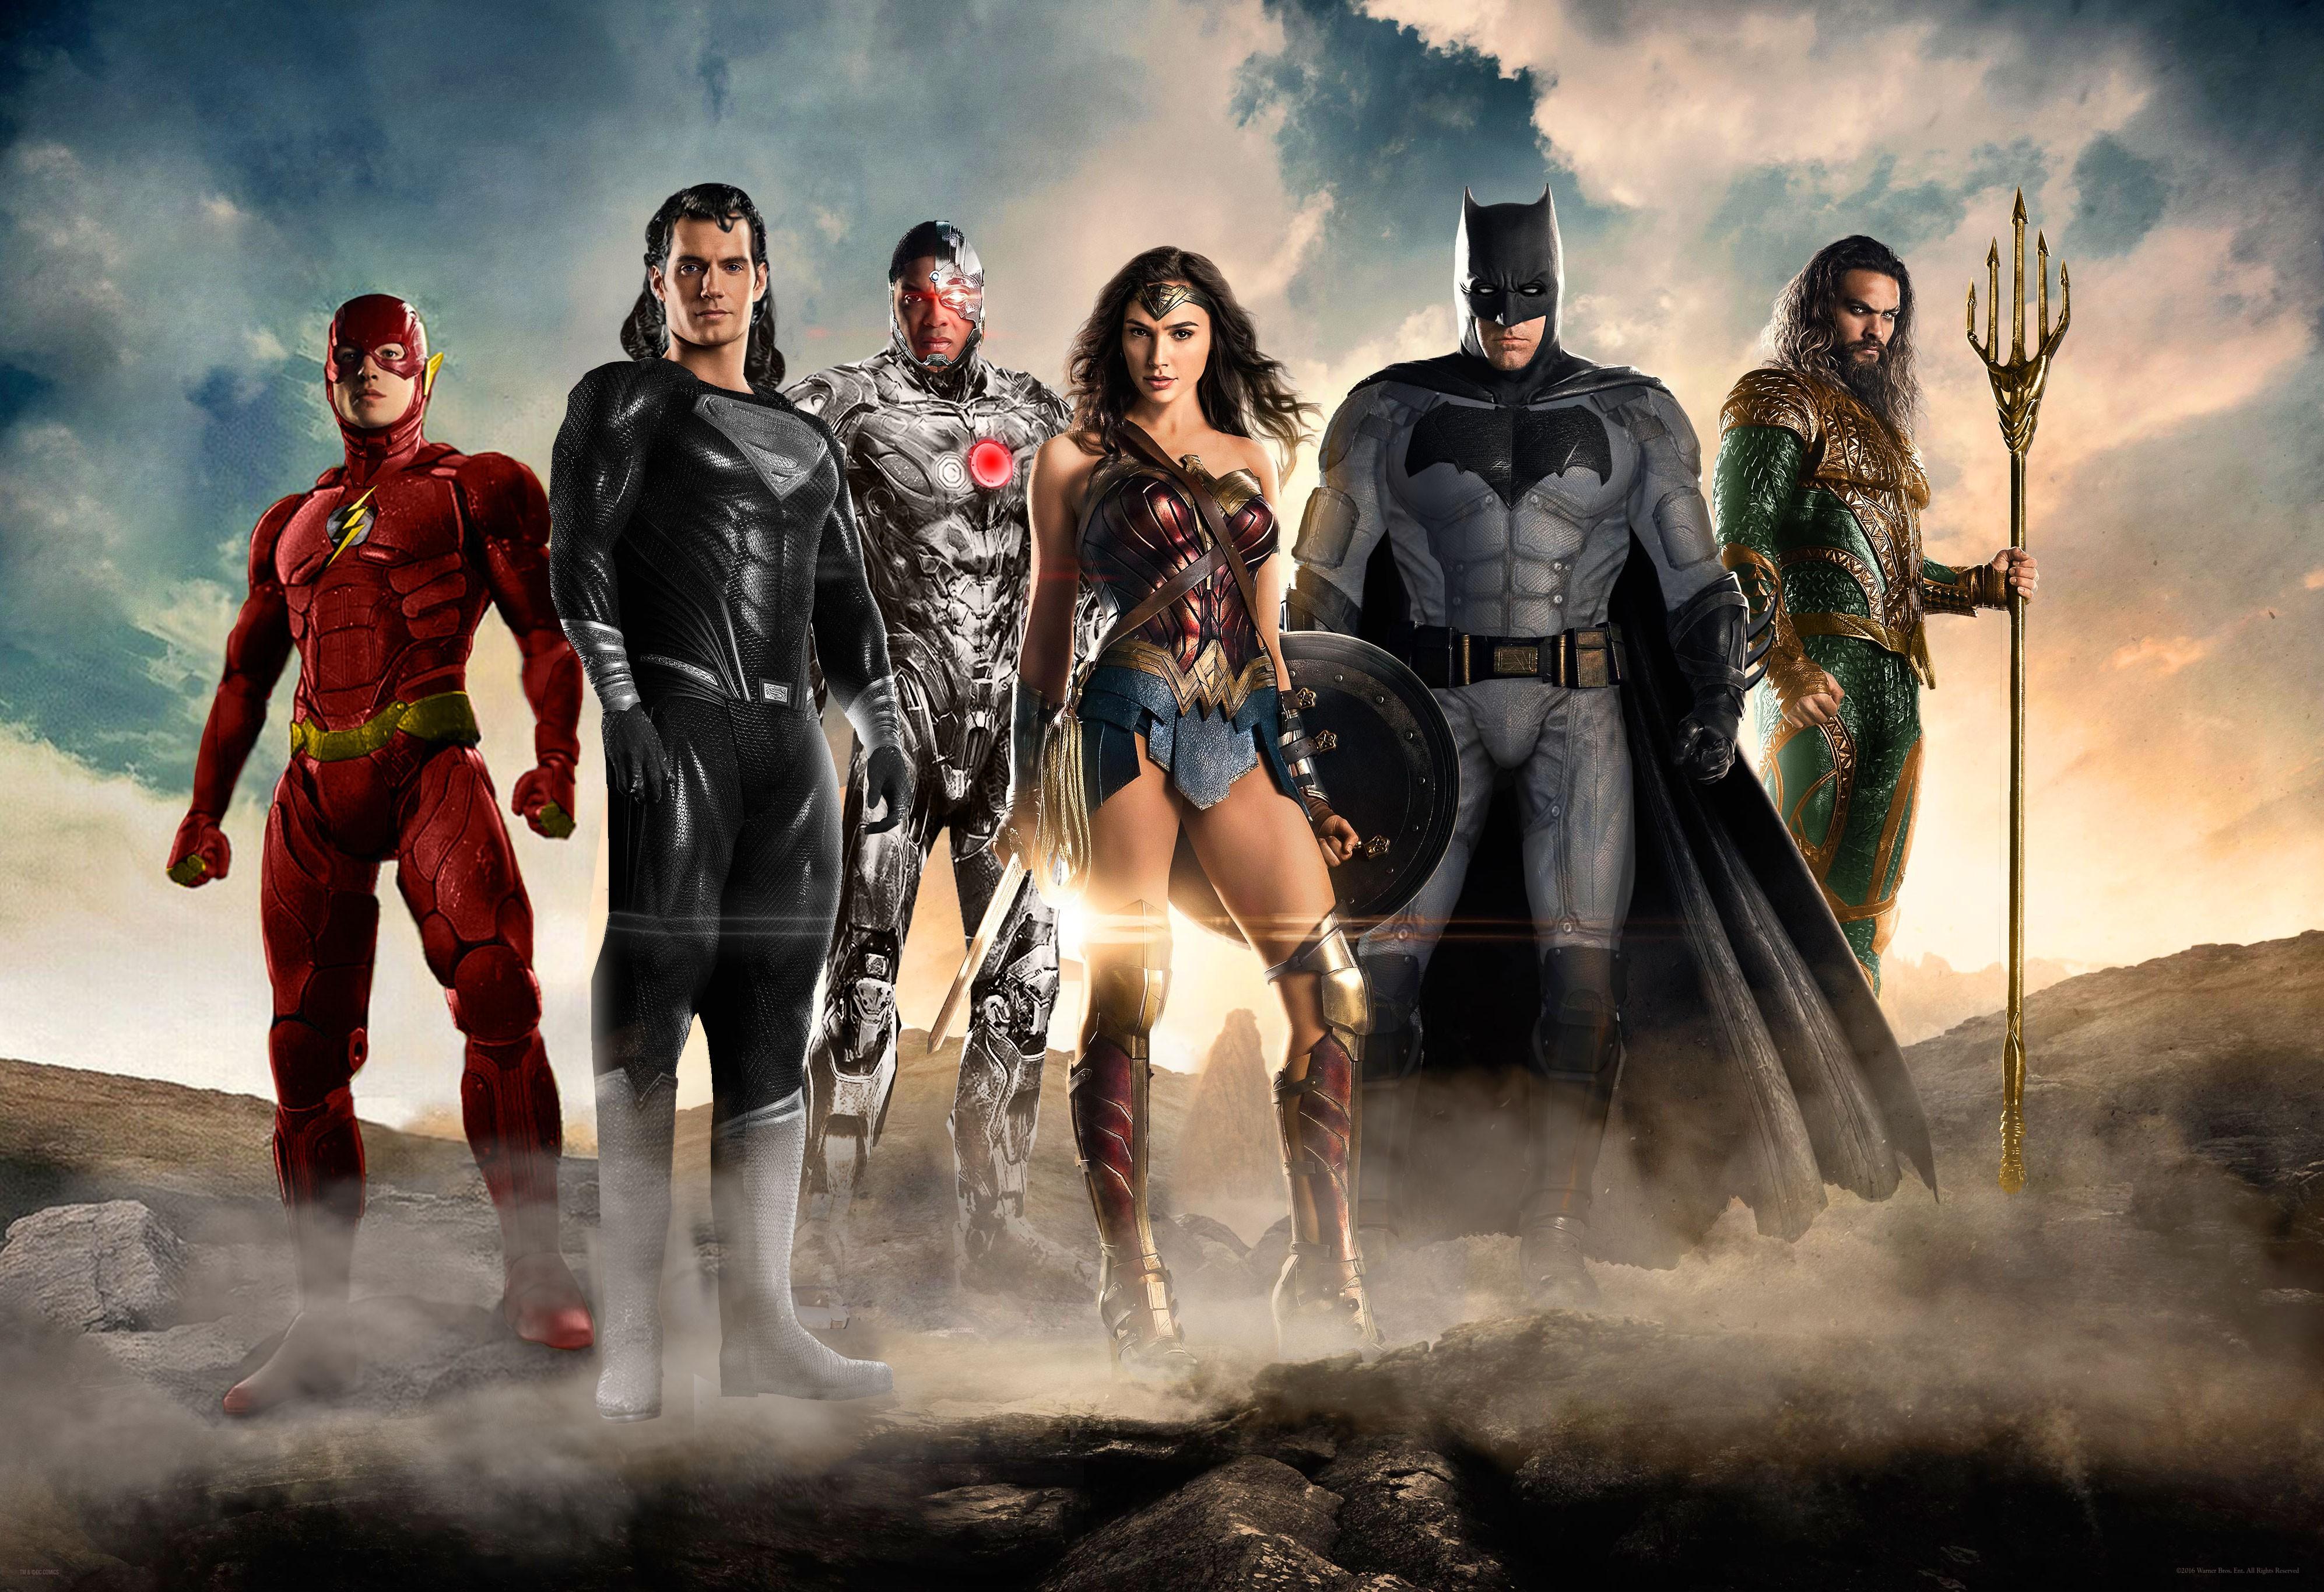 Download Wallpaper Mac Superhero - justice-league-3986x2730-superman-batman-wonder-woman-superhero-10107  Pic_49421.jpg